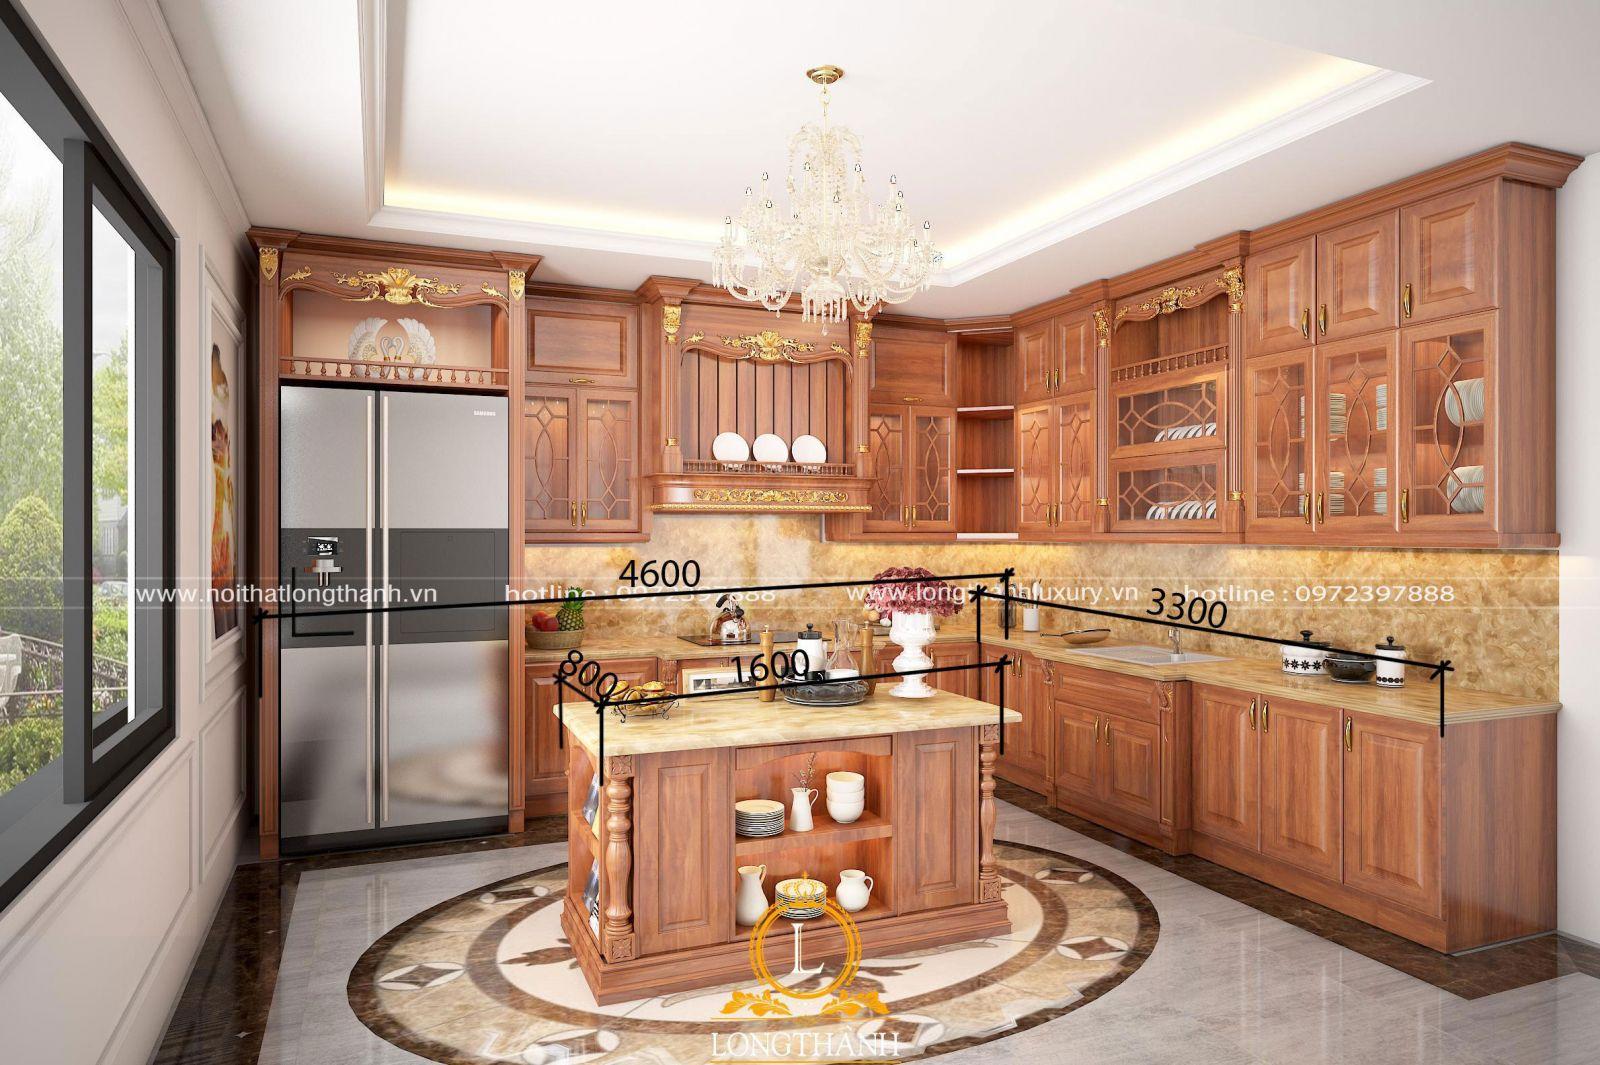 kích thước tủ bếp đúng tiêu chuẩn